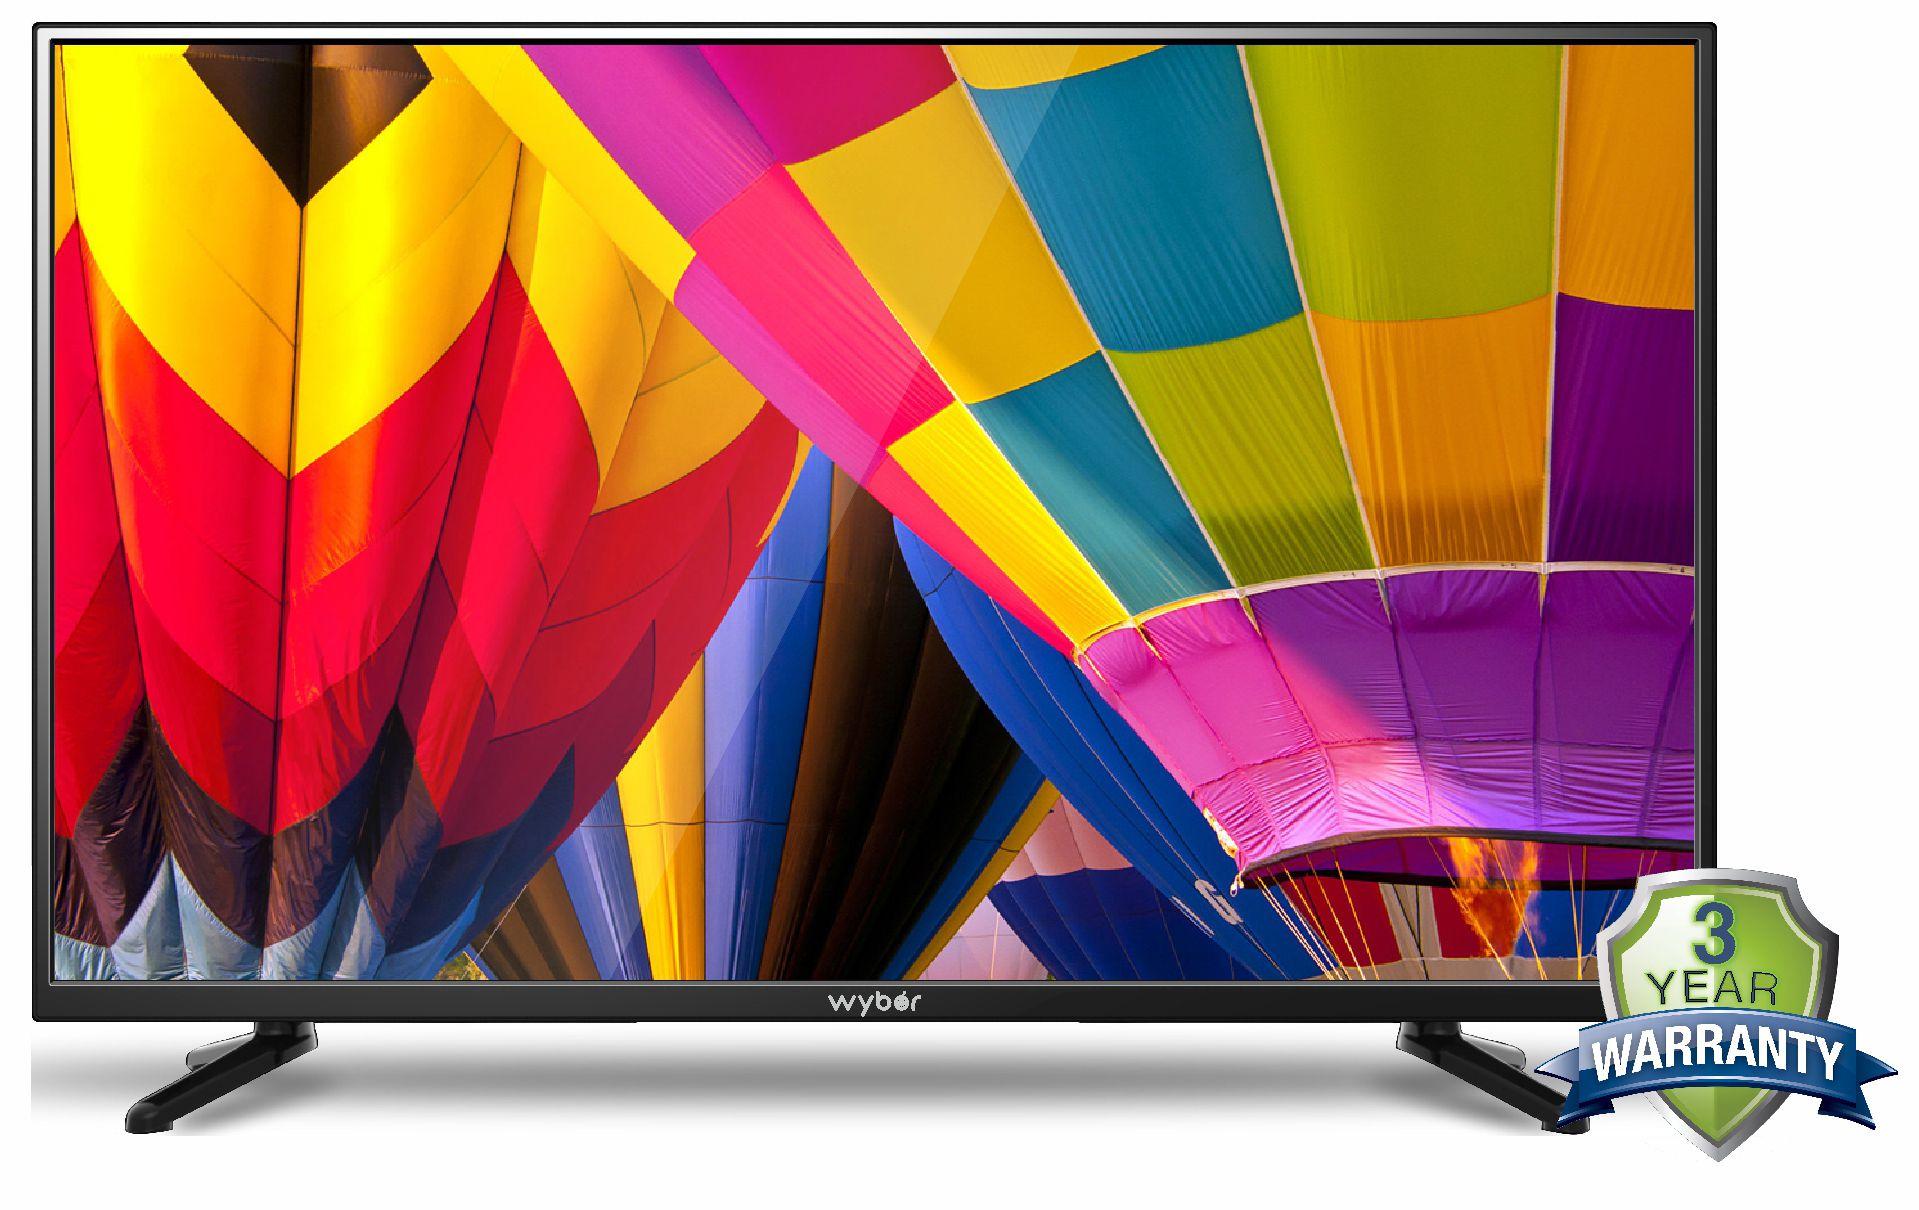 Wybor W324EW3 80 cm ( 32 ) HD Ready (HDR) LED Television